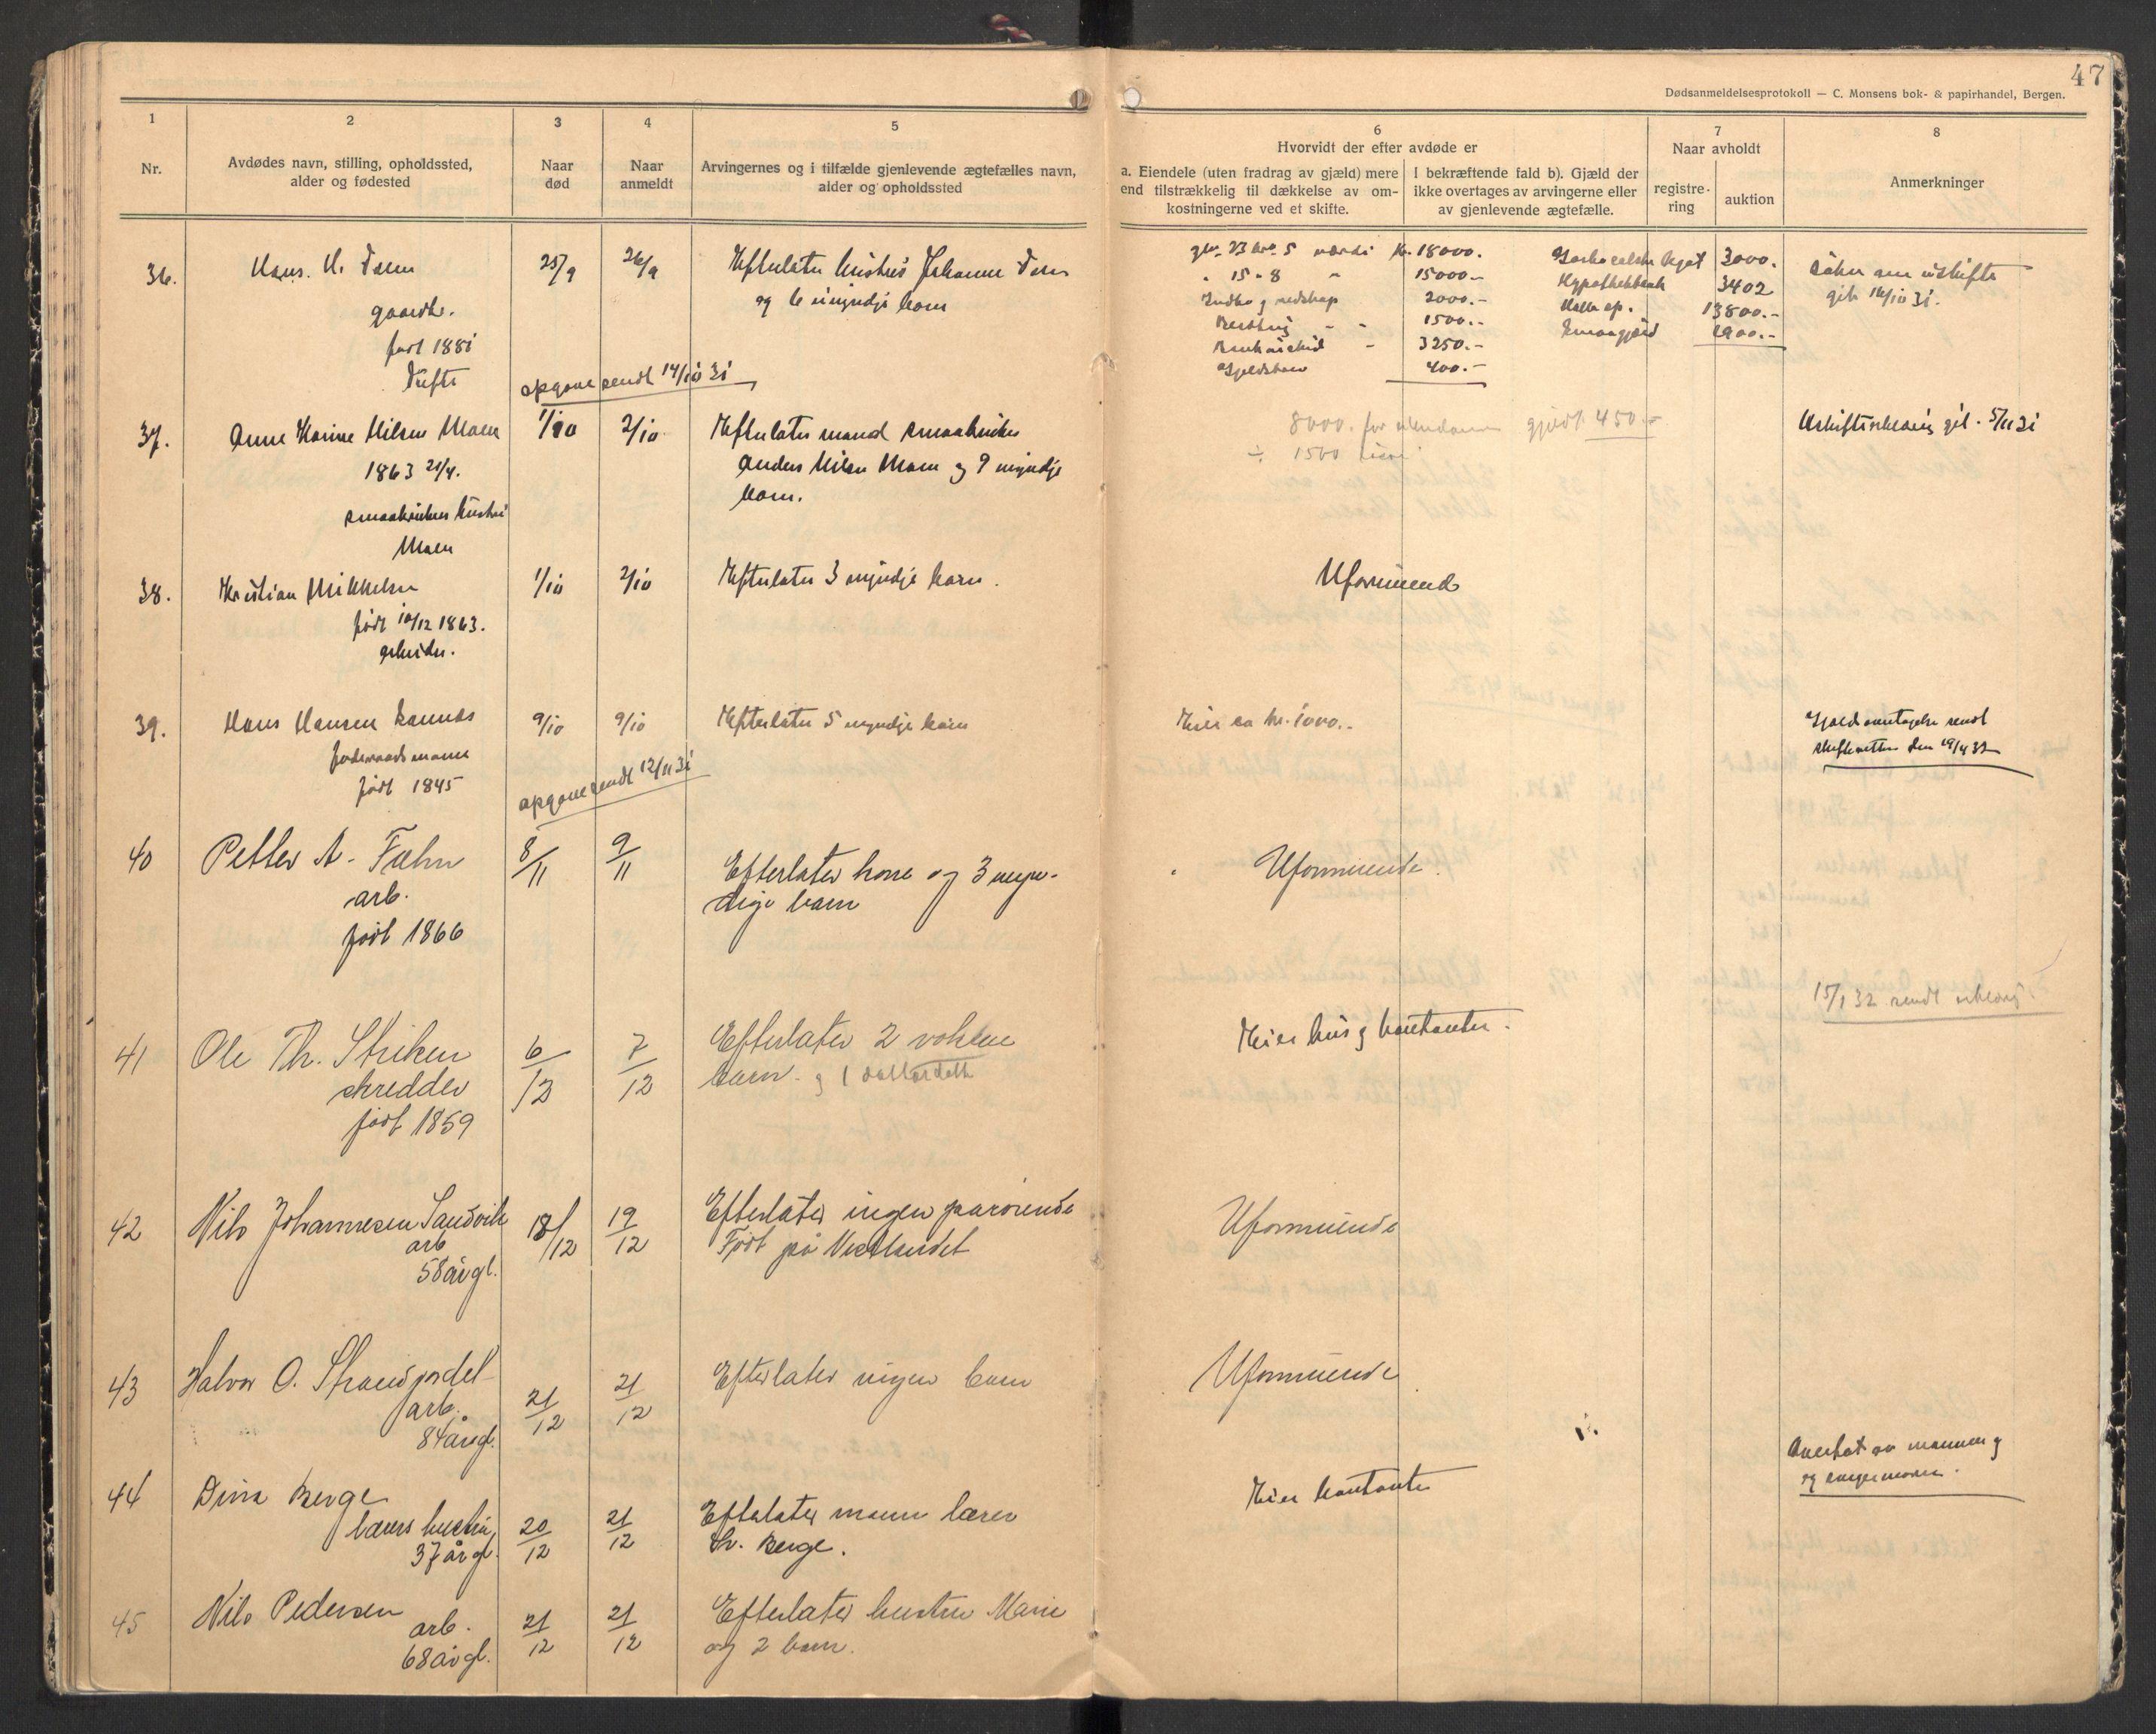 SAKO, Holla lensmannskontor, H/Ha/L0002: Dødsanmeldelsesprotokoll, 1923-1932